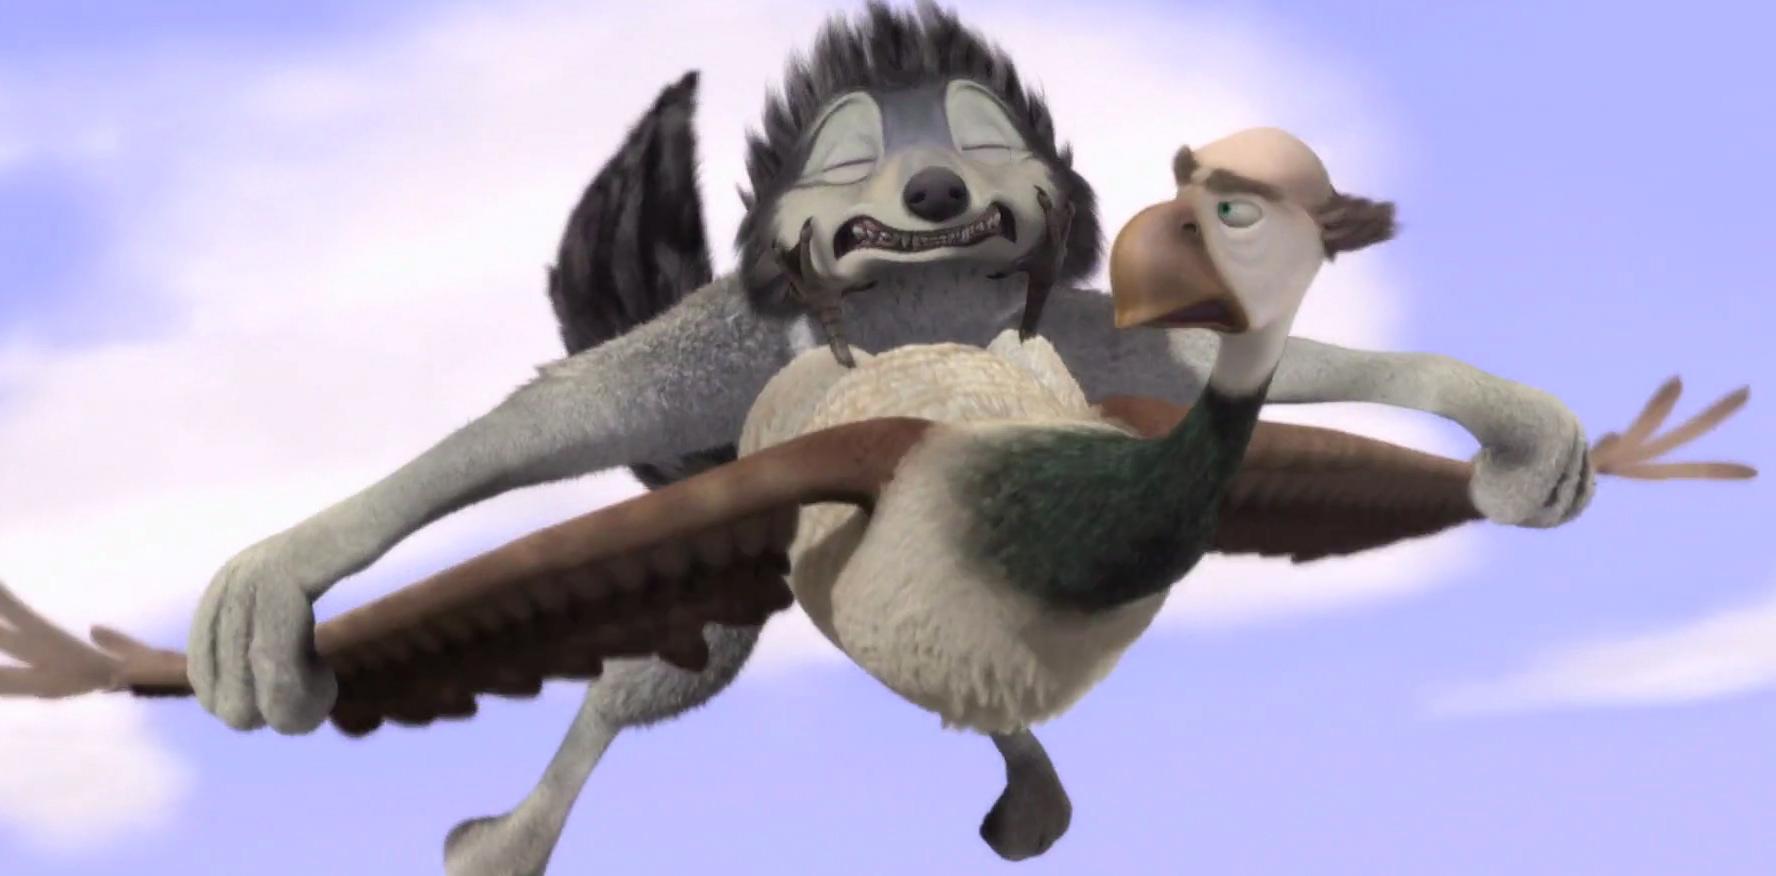 Humphrey: Pleeeeaaaseeee!!!! I want my mommmmyyyy!!!!!! Marcel: Shut up and let me fly